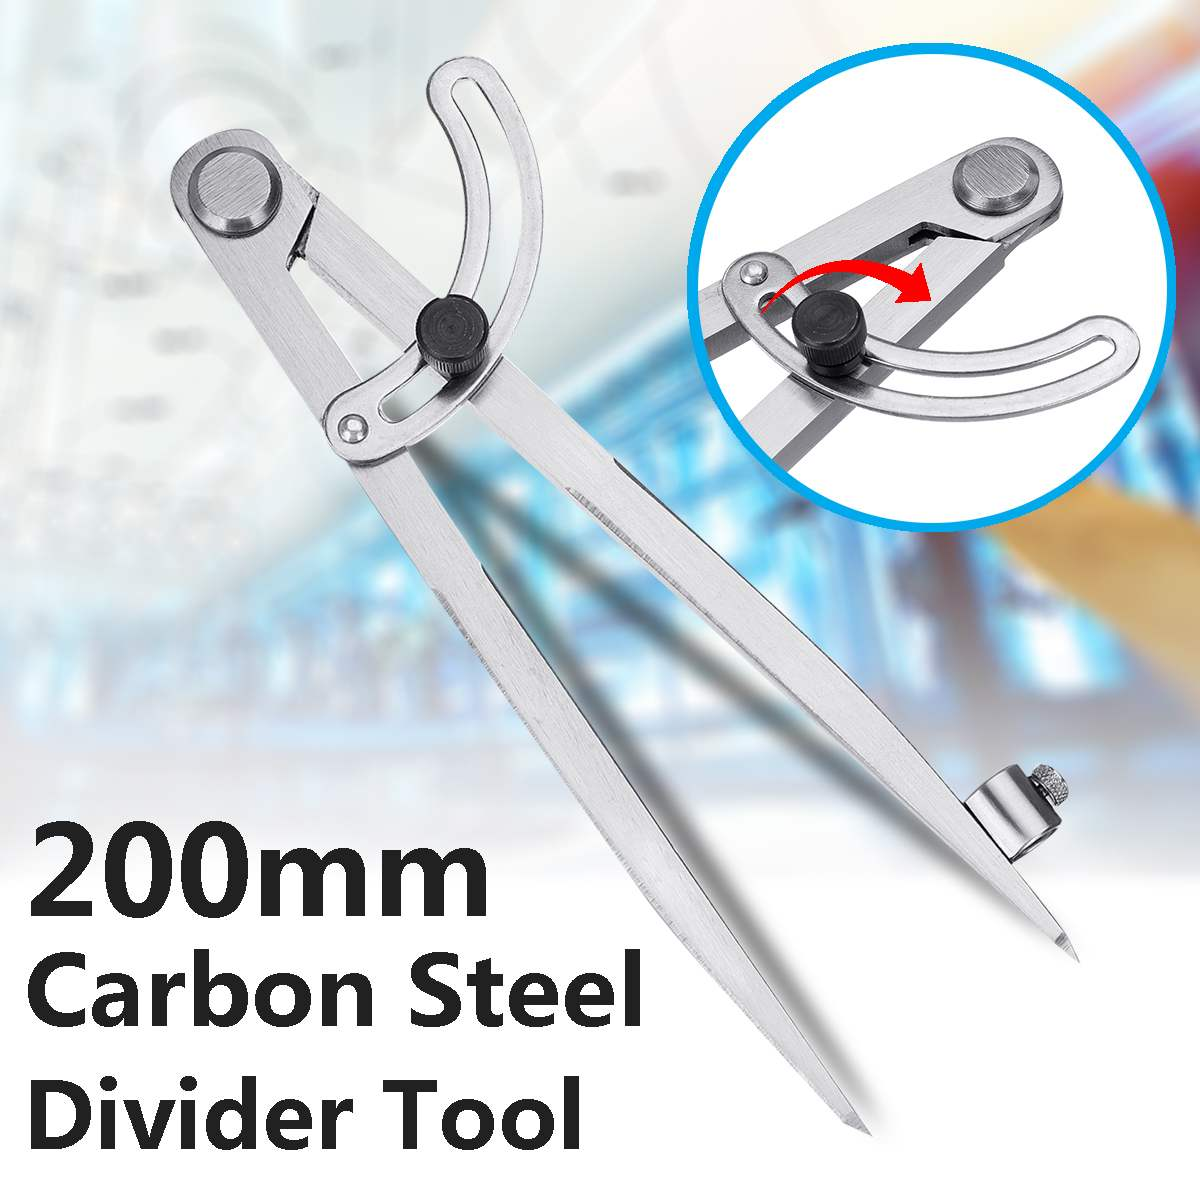 200mm Carbon Steel Wing Divider Pencil Marking Compass-Circle Maker Adjustable Scriber For Student CarpenterCraftsman Architect